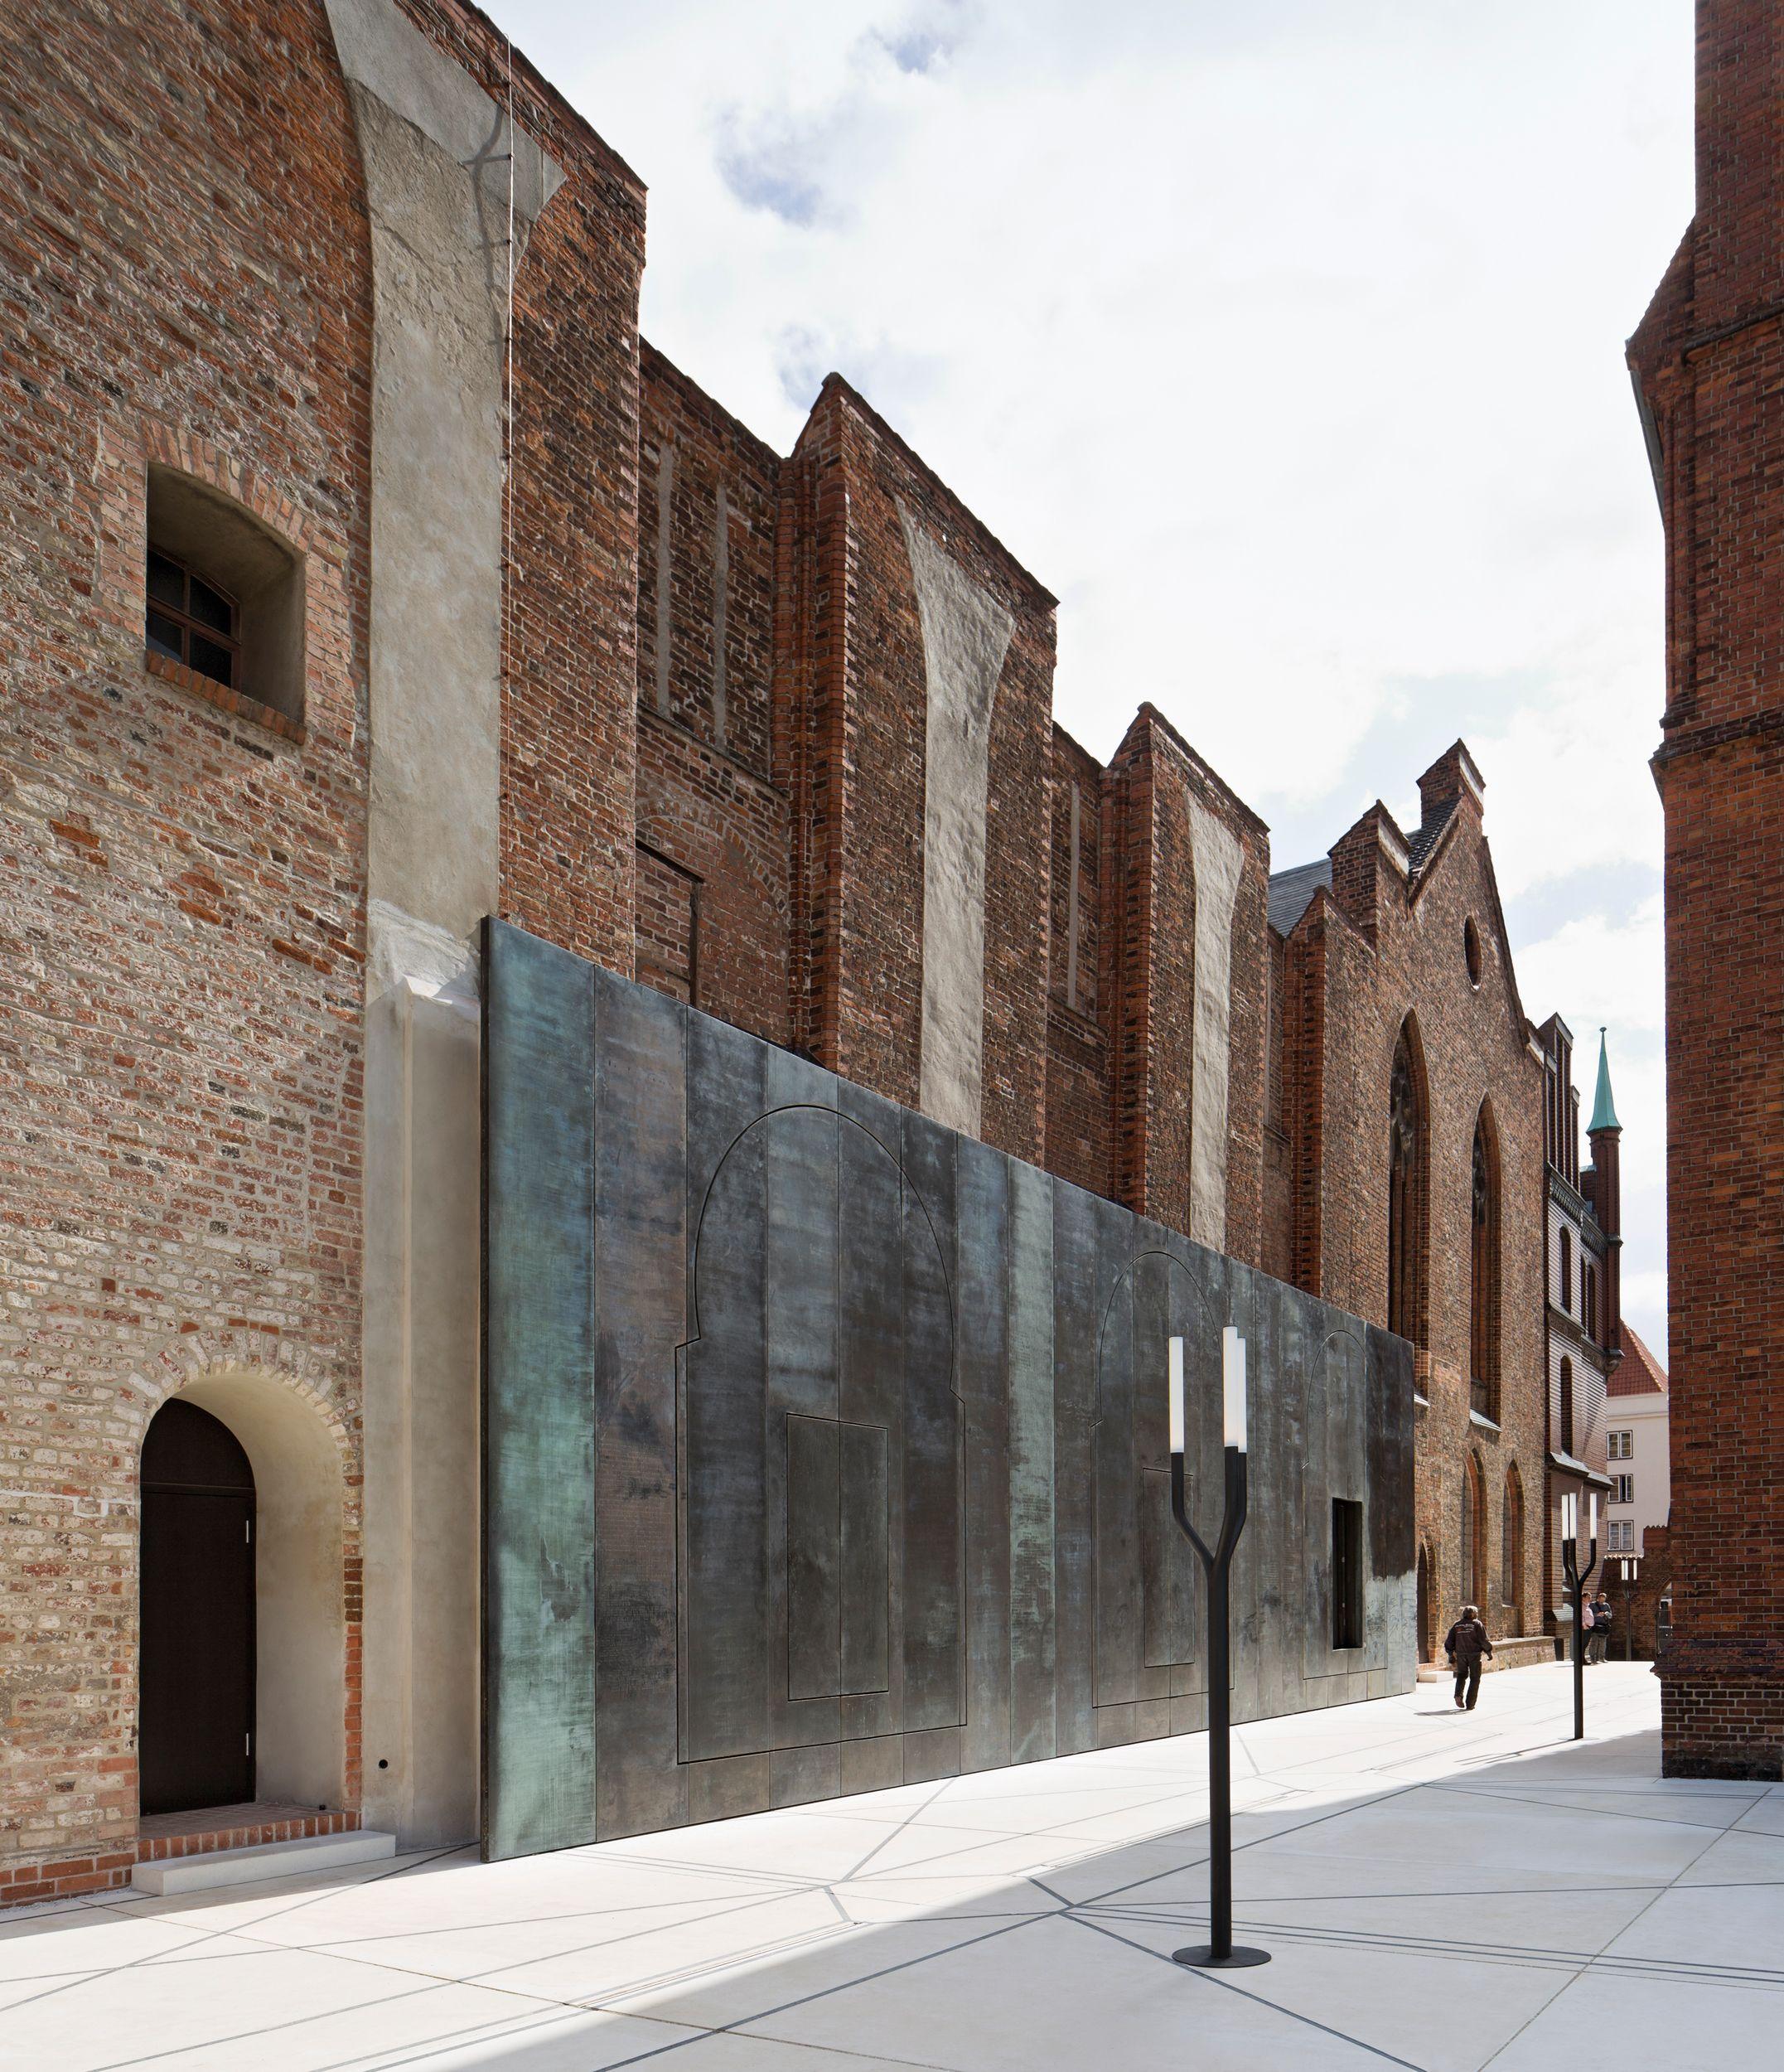 Architekten Lübeck 2012 infrastrukturgebäude lübeck architektur und werner